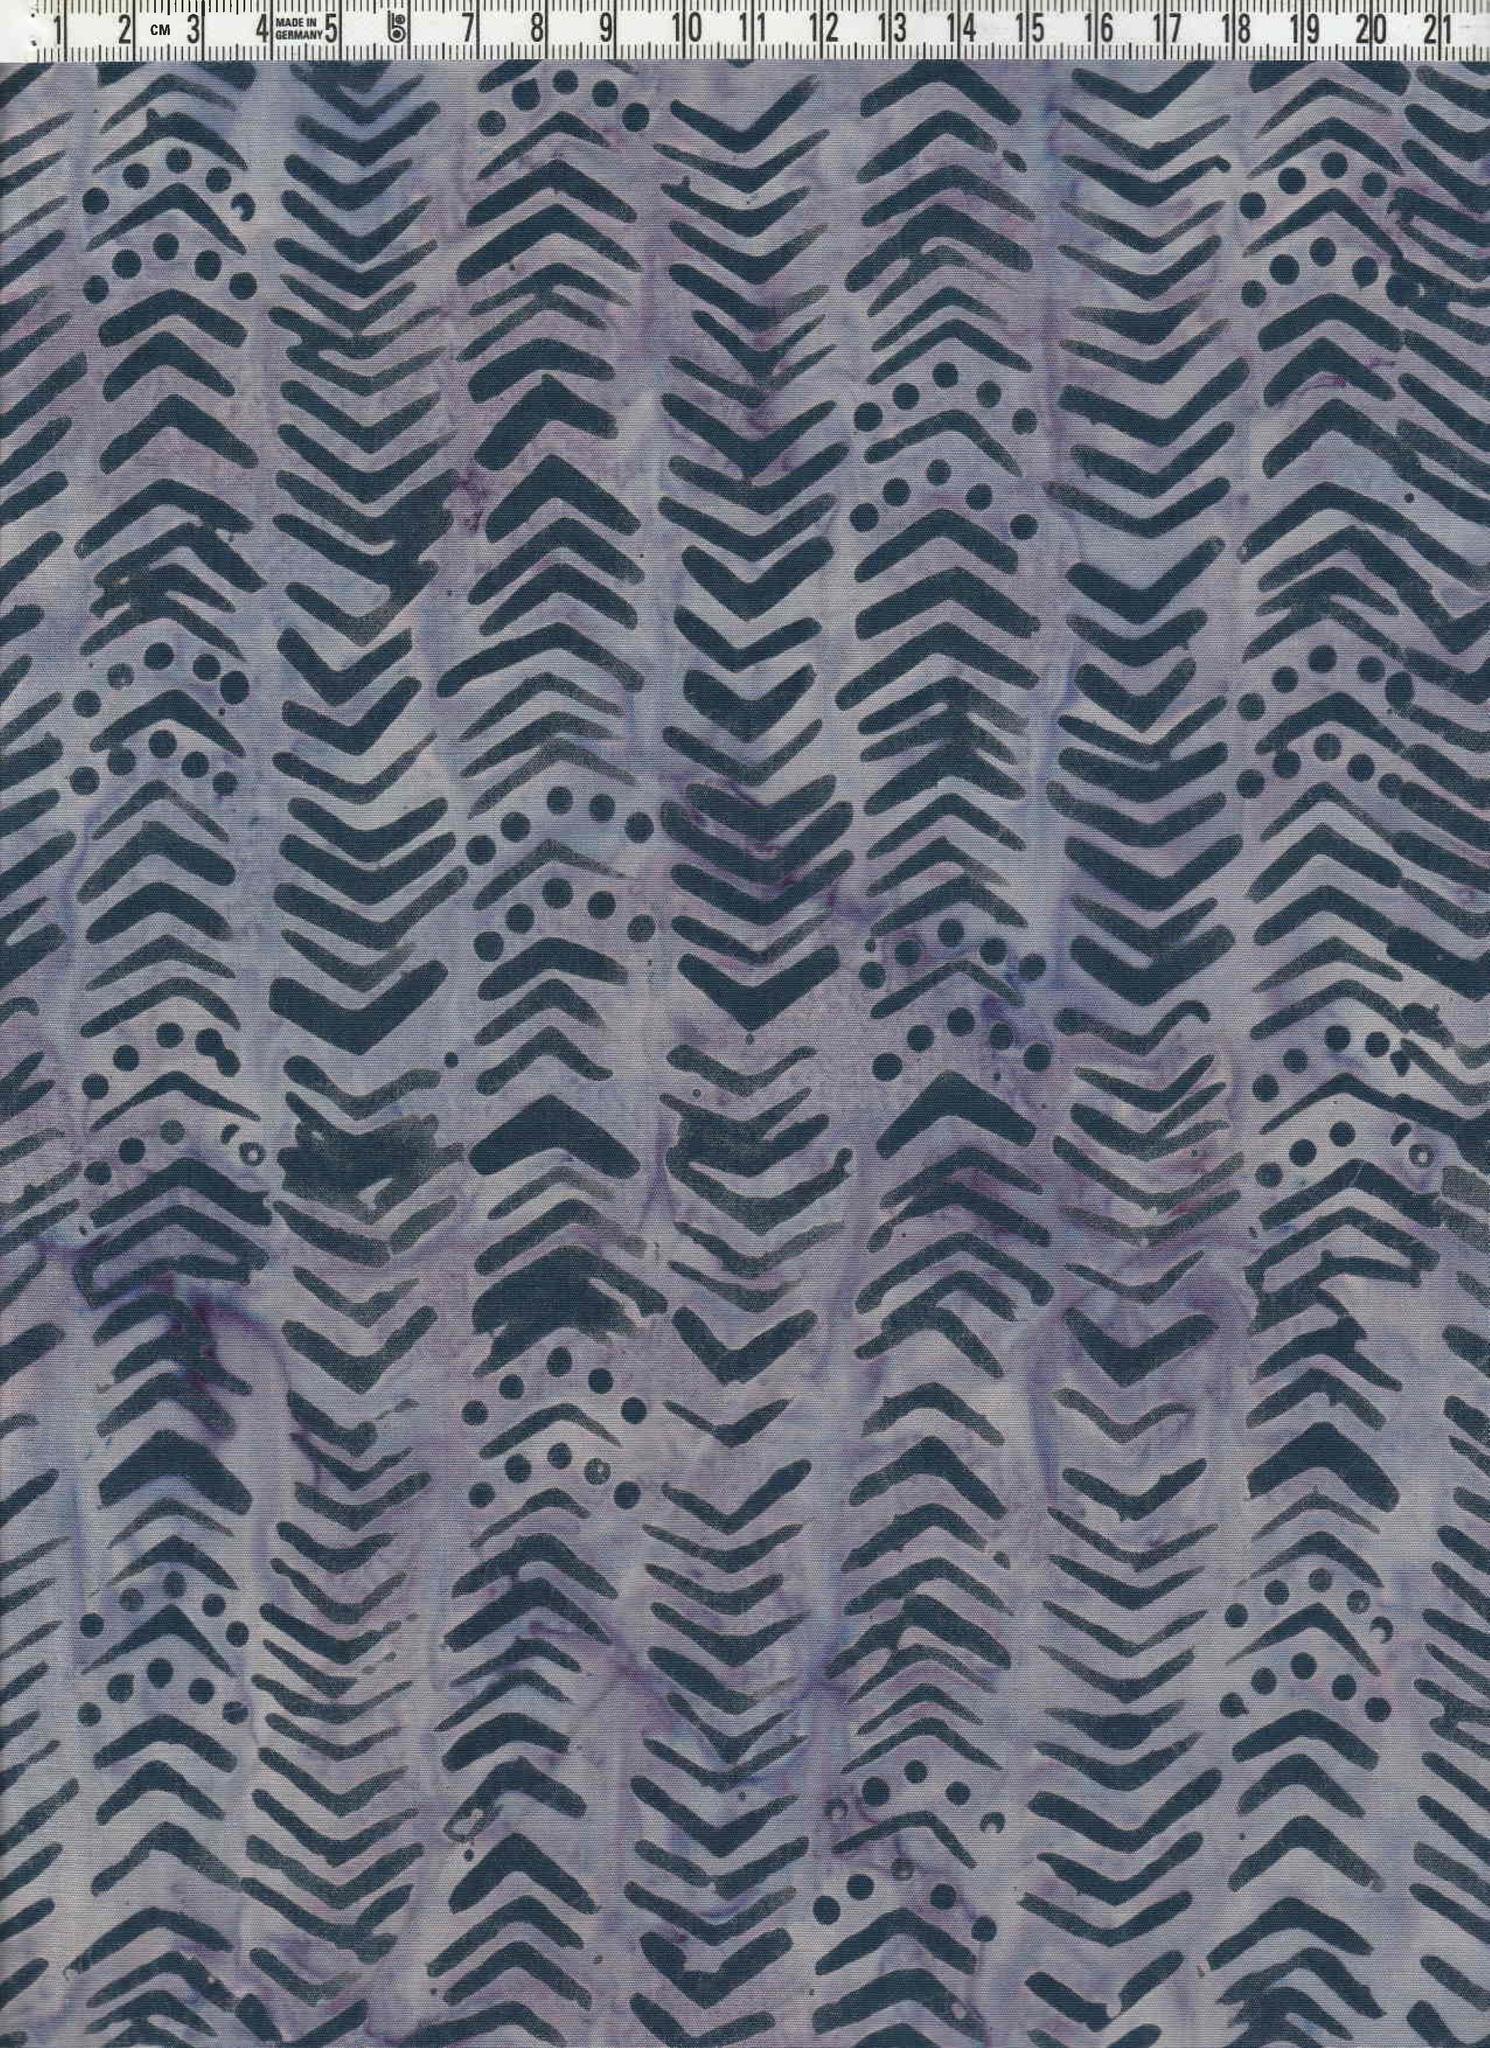 Mörkt blålila mönster på lila-violettflammig botten. Balibatik. 110 cm bred